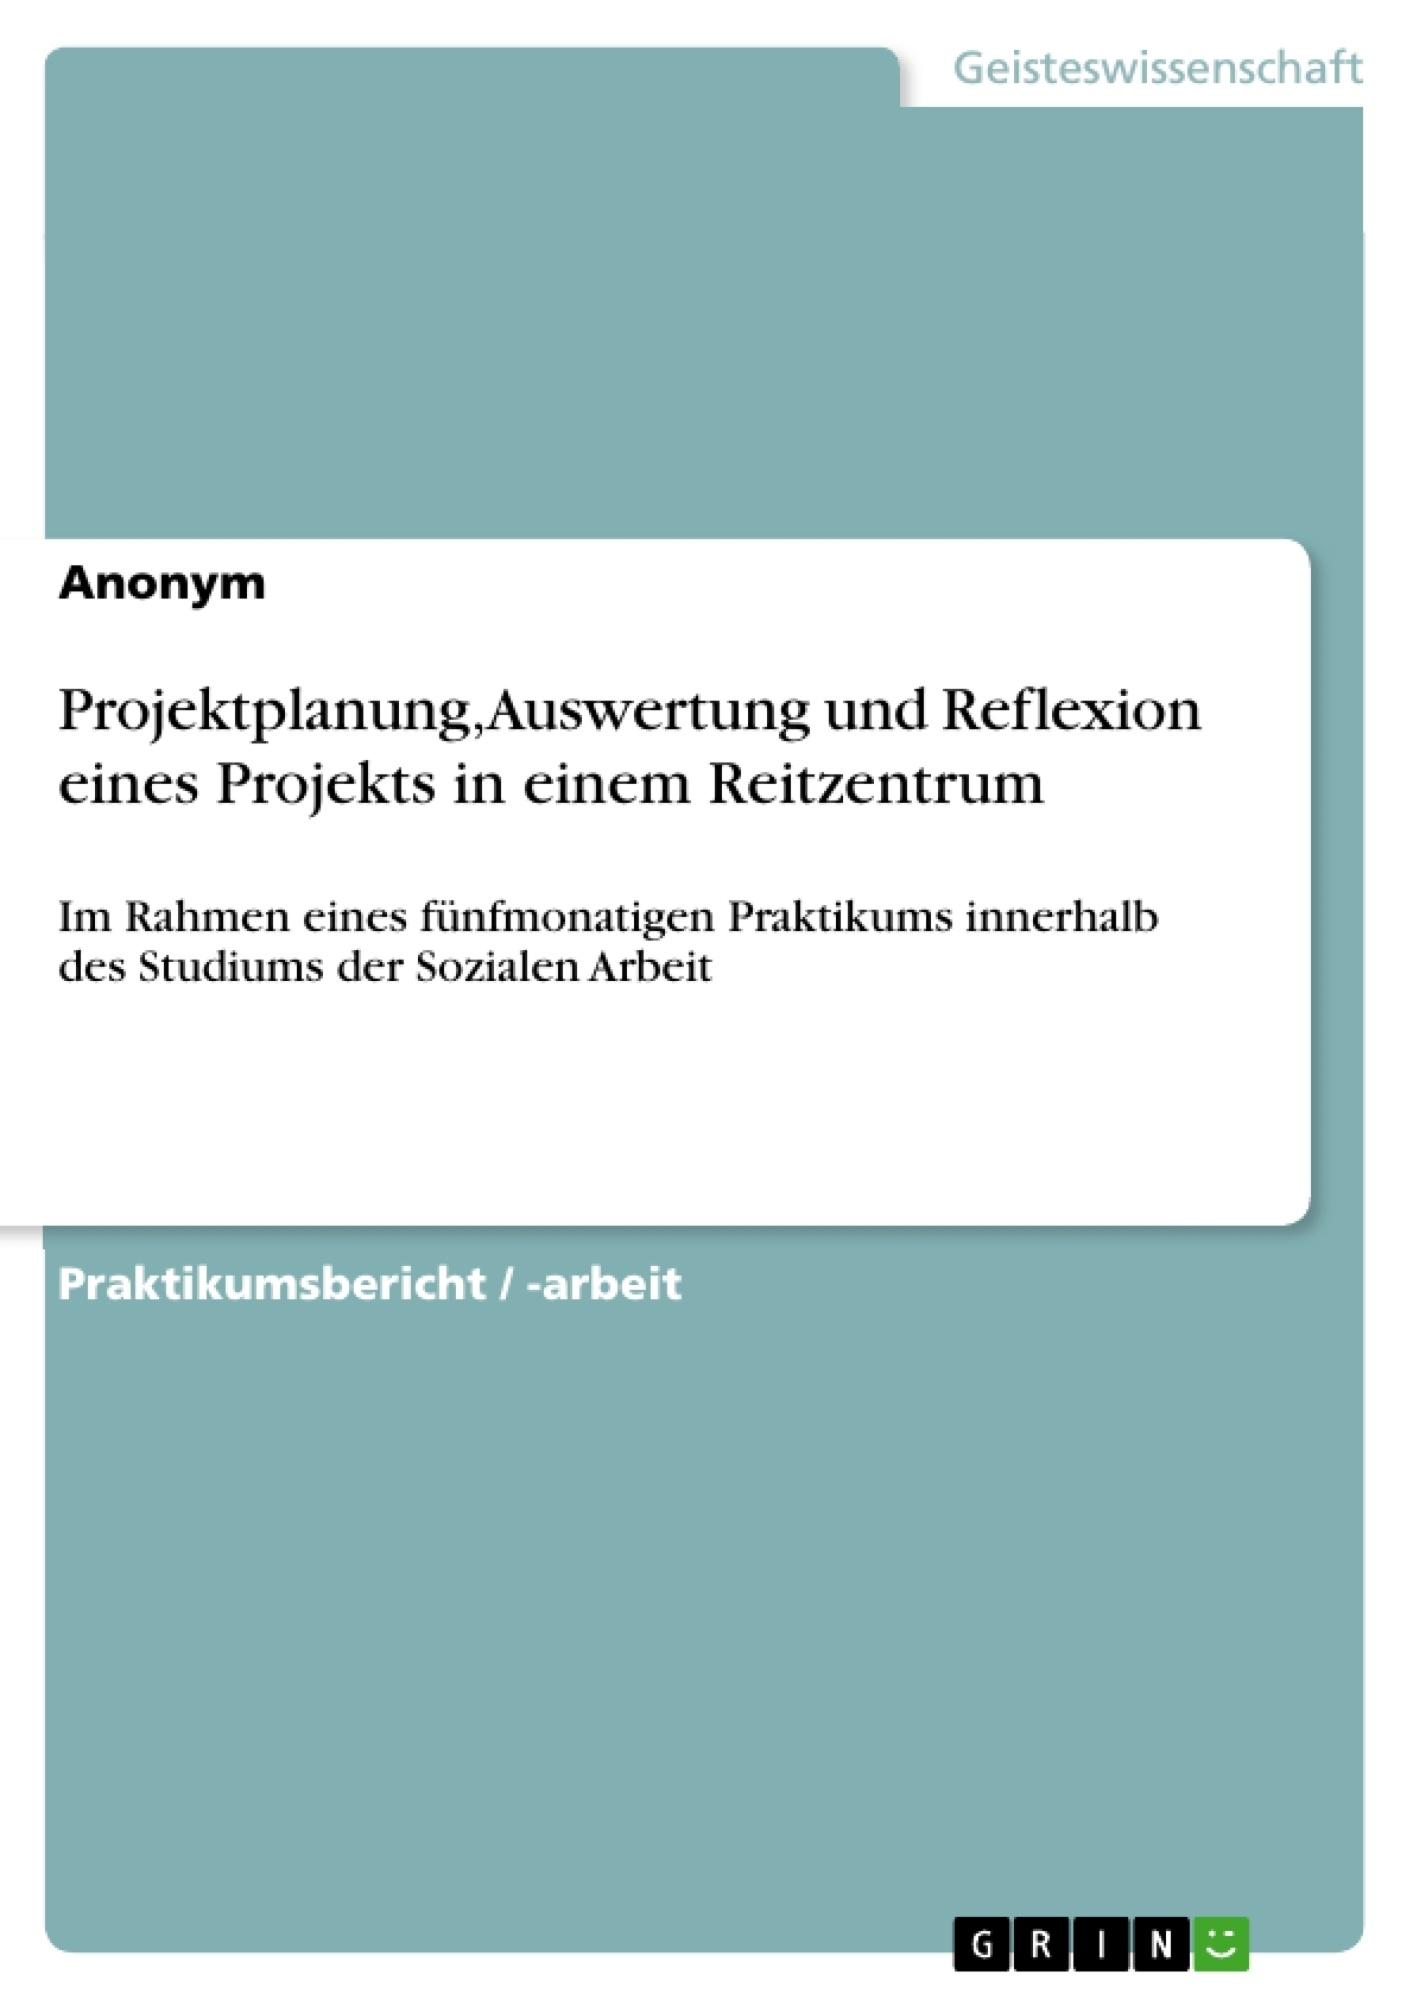 Titel: Projektplanung, Auswertung und Reflexion eines Projekts in einem Reitzentrum